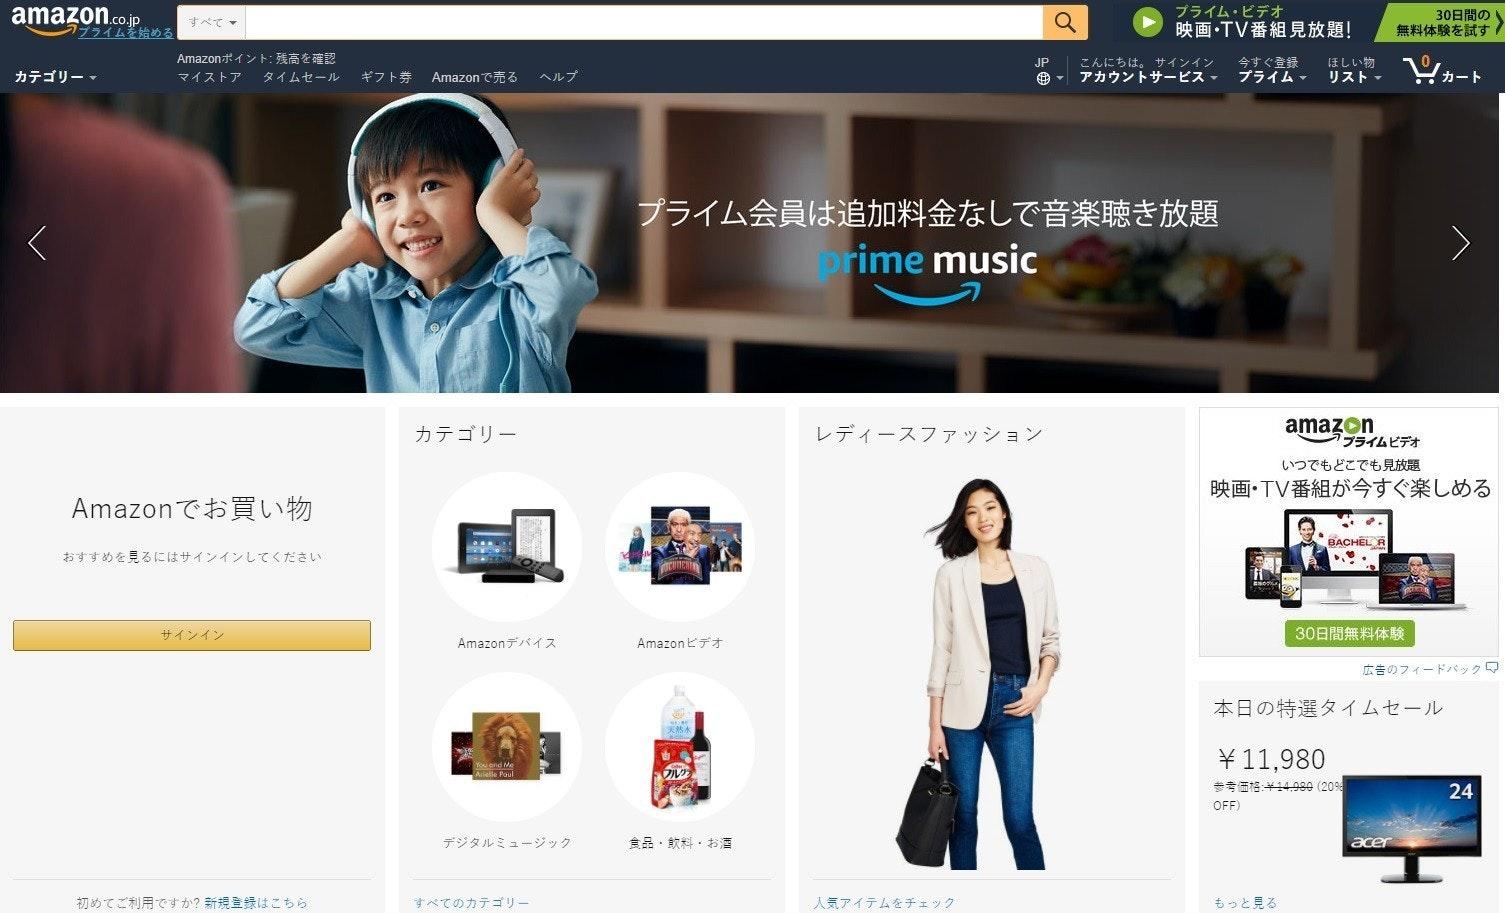 是日本亞馬遜推廣日貨直送台灣服務,以免消費稅、特定商品免運費促銷活動吸引台灣消費者這篇文章的首圖